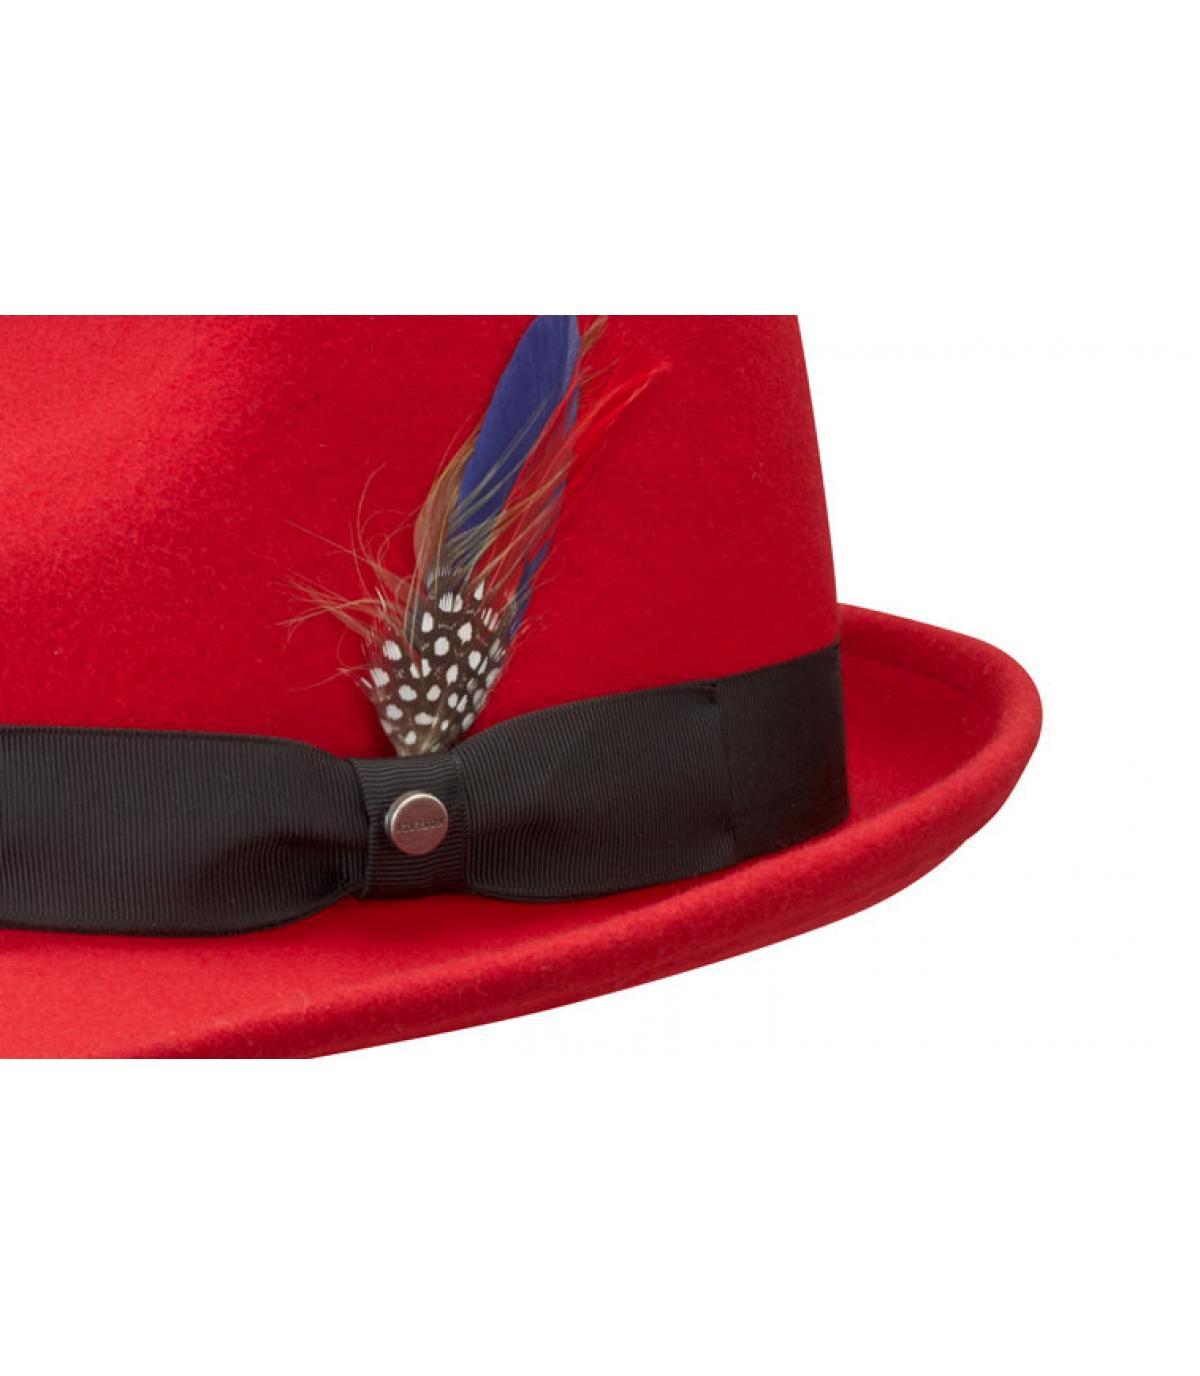 bae6299313cbc Stetson. Men red hat. Détails Boston richmond red - image 3 ...